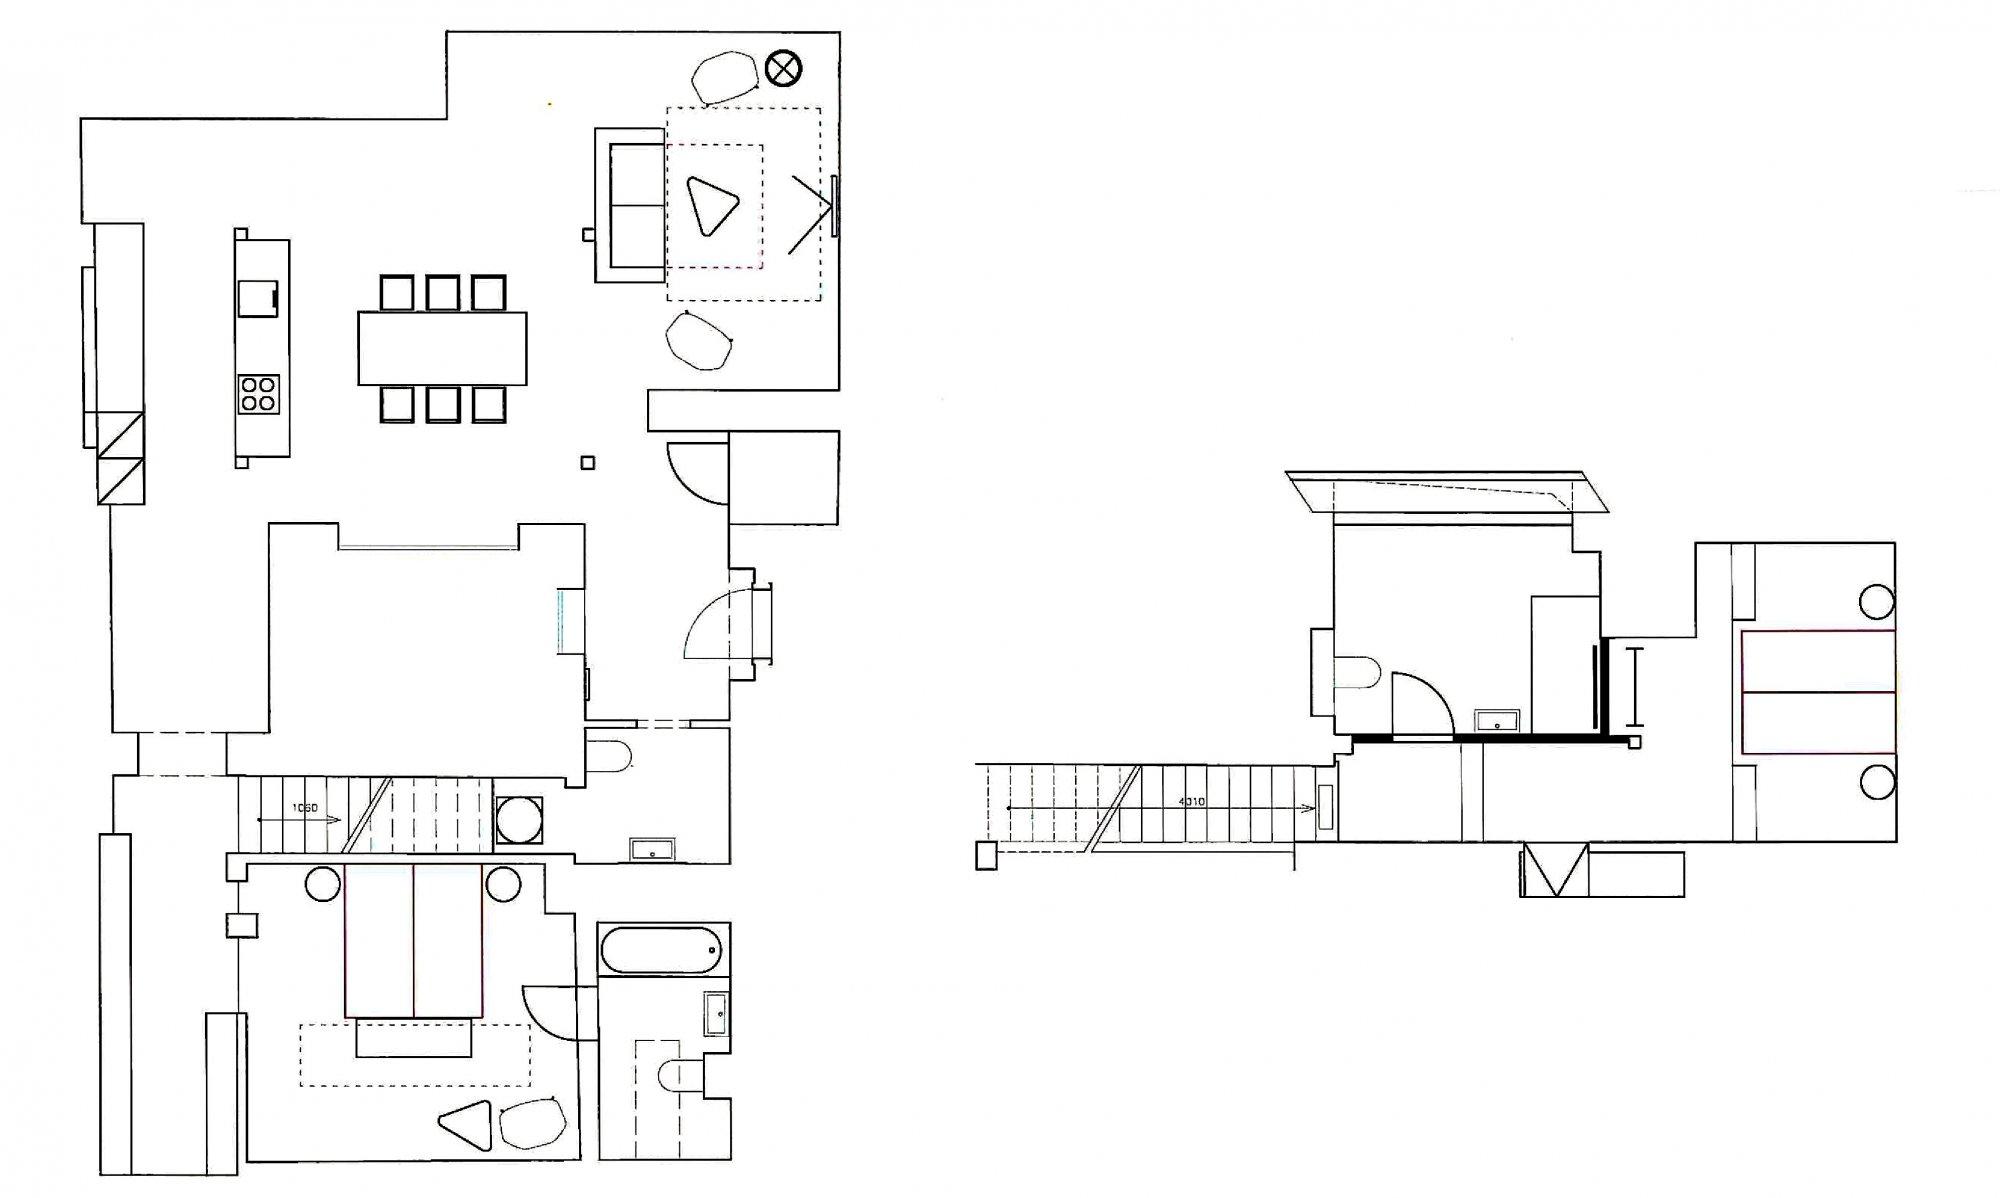 Půdorys - Půdní byt 3+kk, plocha 146 m², ulice Hellichova, Praha 1 - Malá Strana